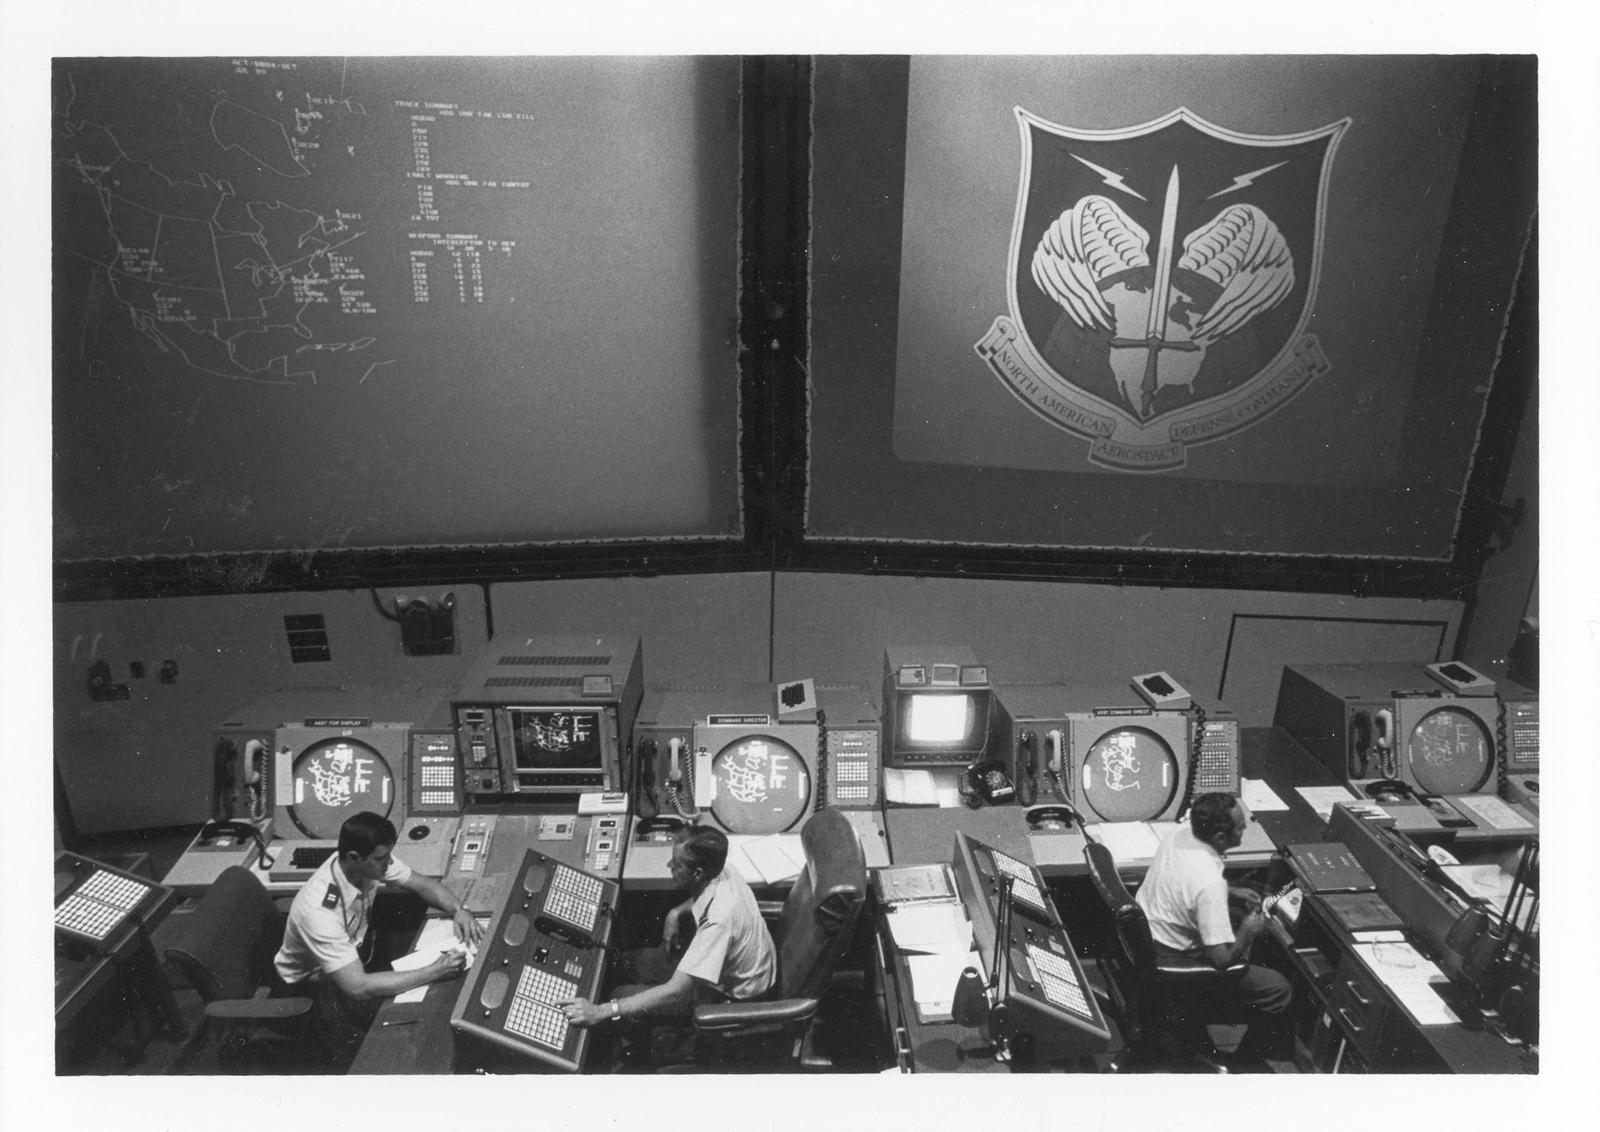 Savaitės kalendorius: vos išvengtas branduolinis karas, tragedija anglių kasykloje ir kiti svarbūs įvykiai